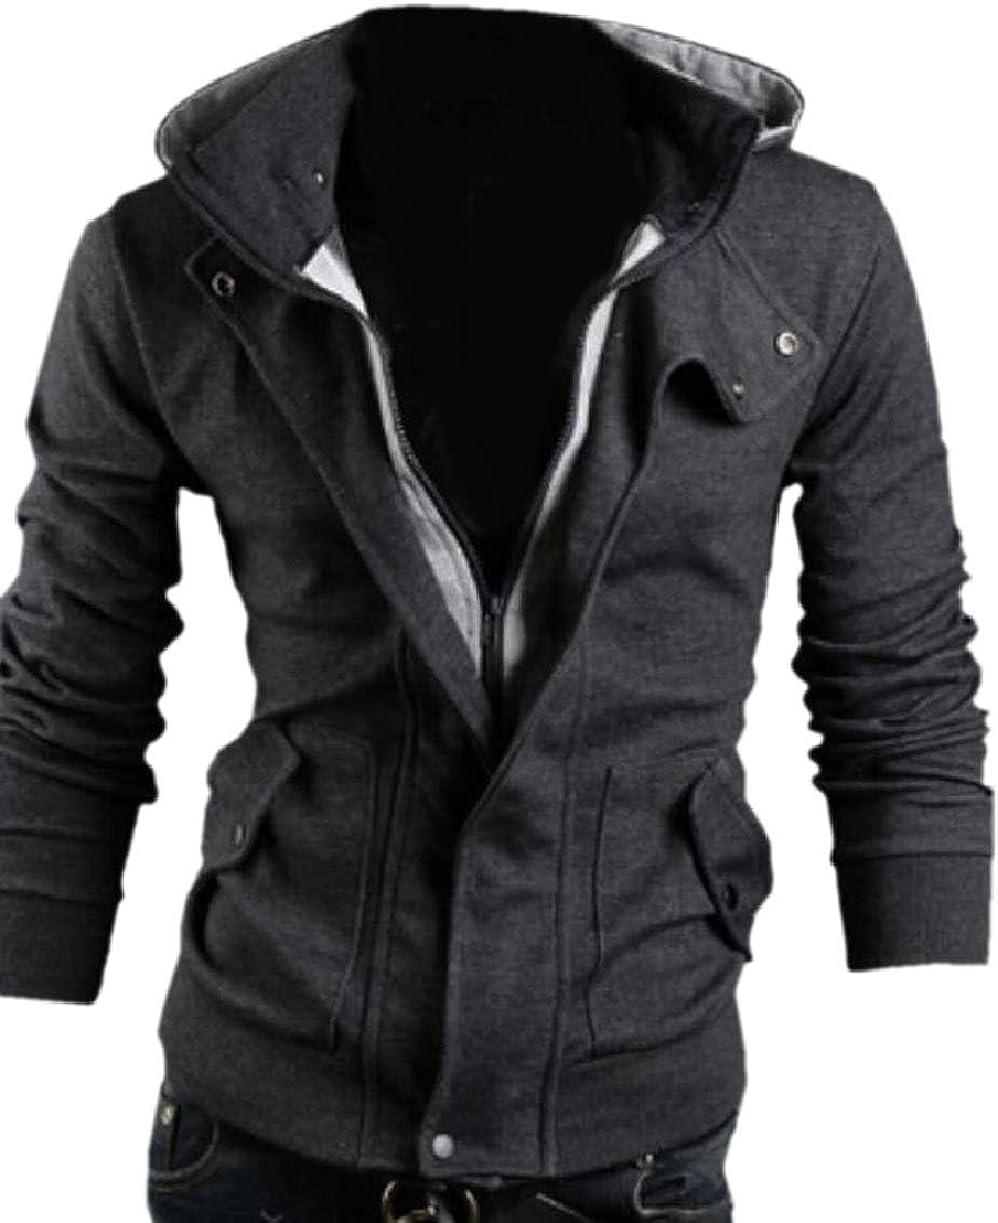 CBTLVSN Mens Hooded Sweatshirt Hood Casual Zipper Up Coats Slim Coat